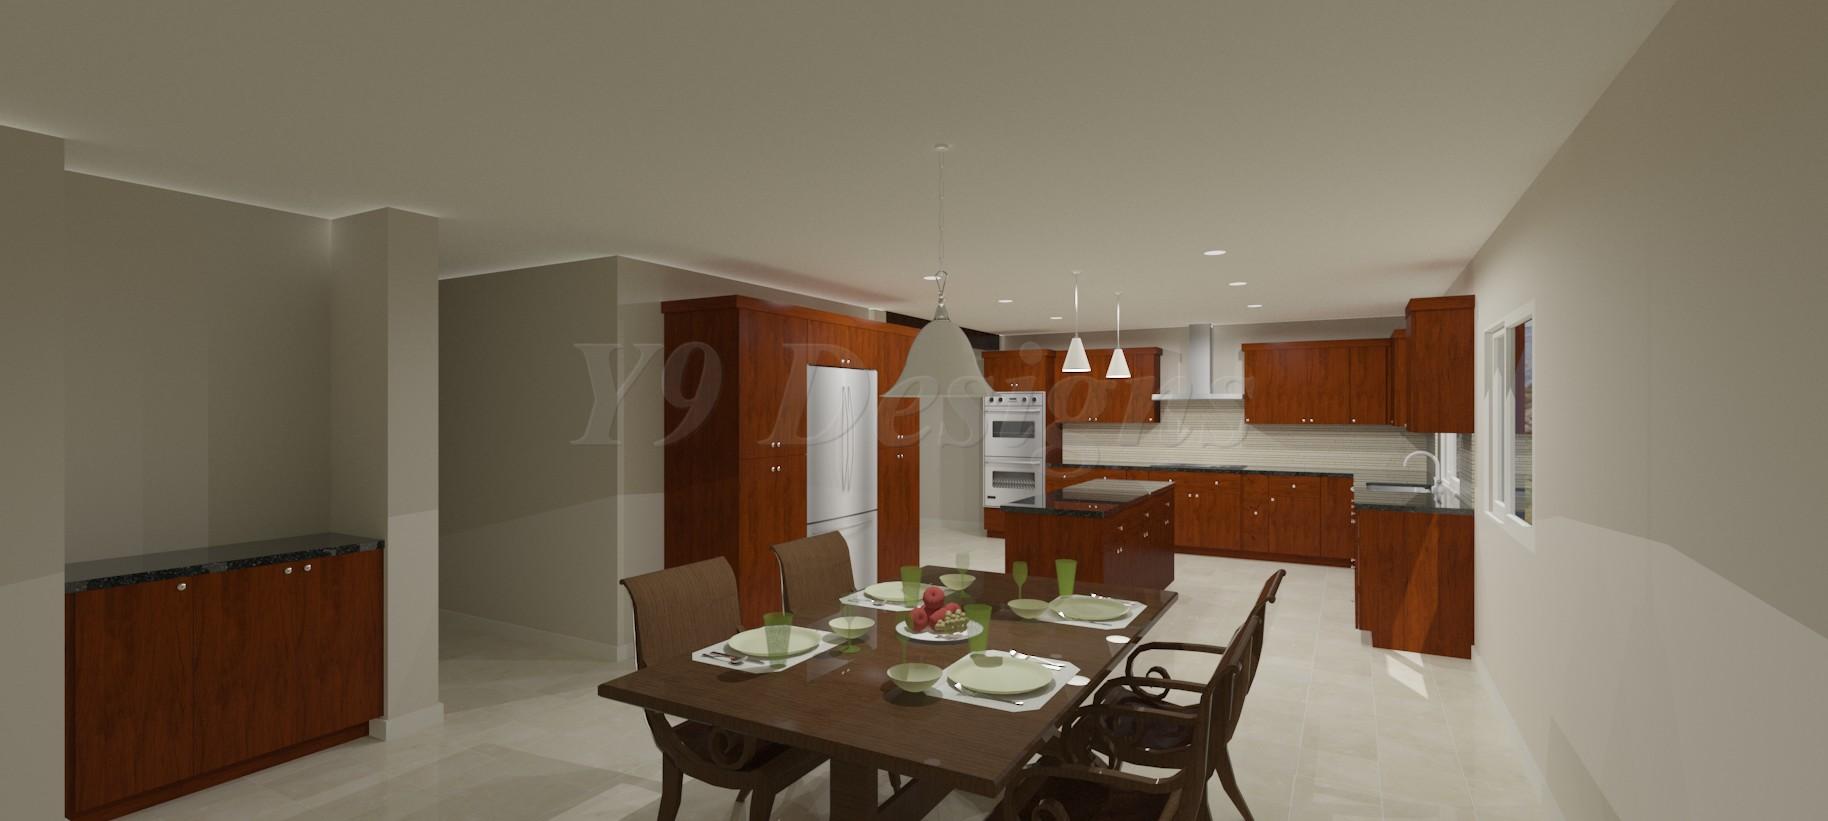 D Kitchen Design Planner Sarkemnet - Kitchen design planner